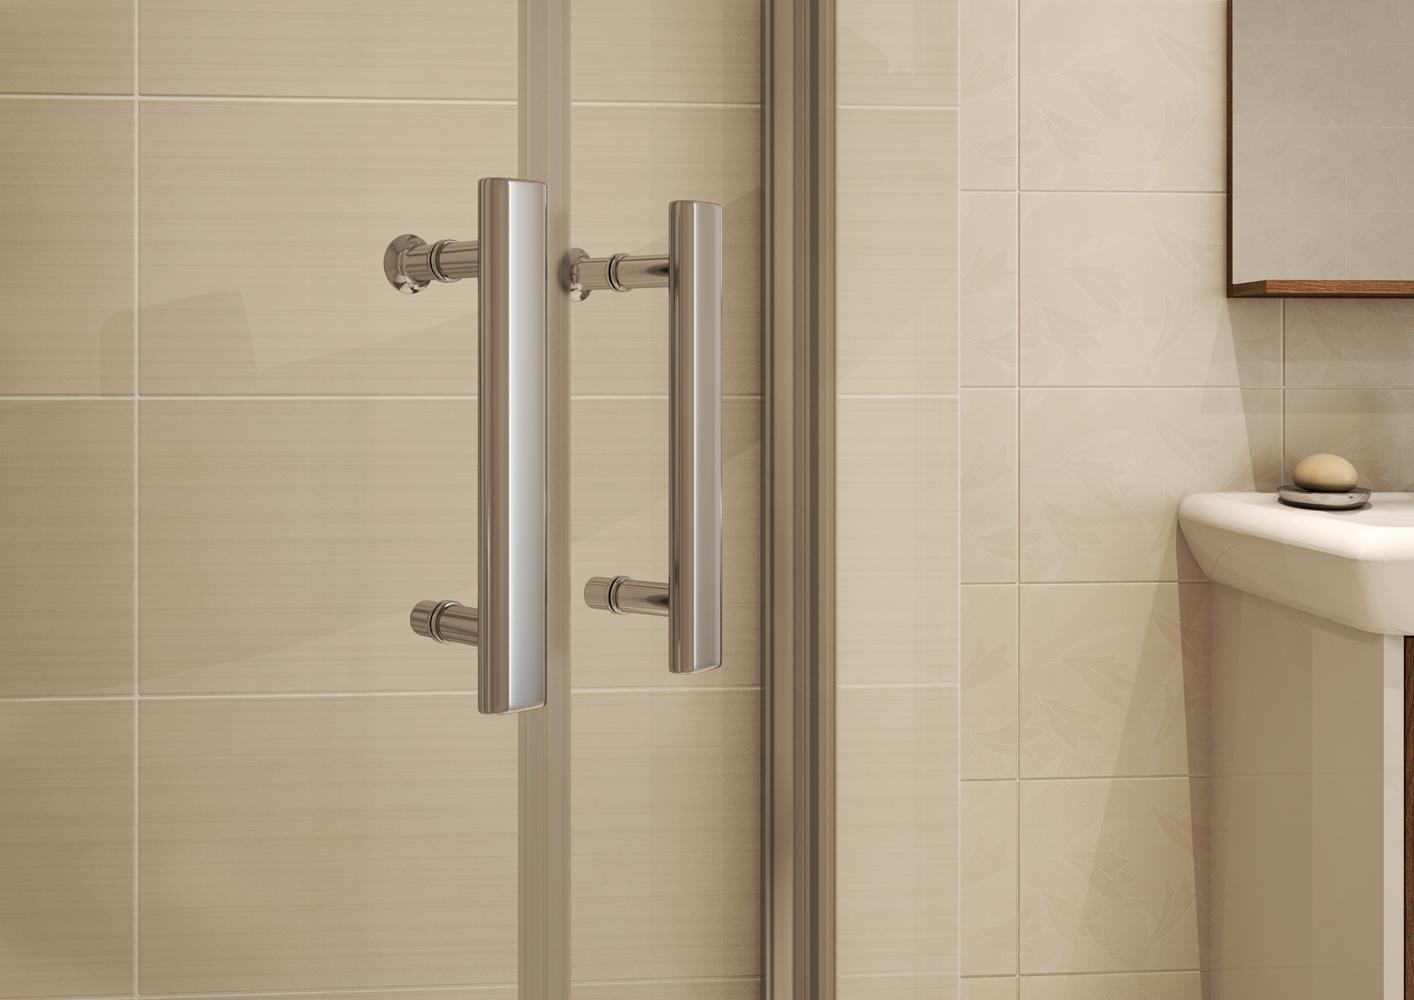 Элегантность и практичность душевой кабинки в маленькой ванной